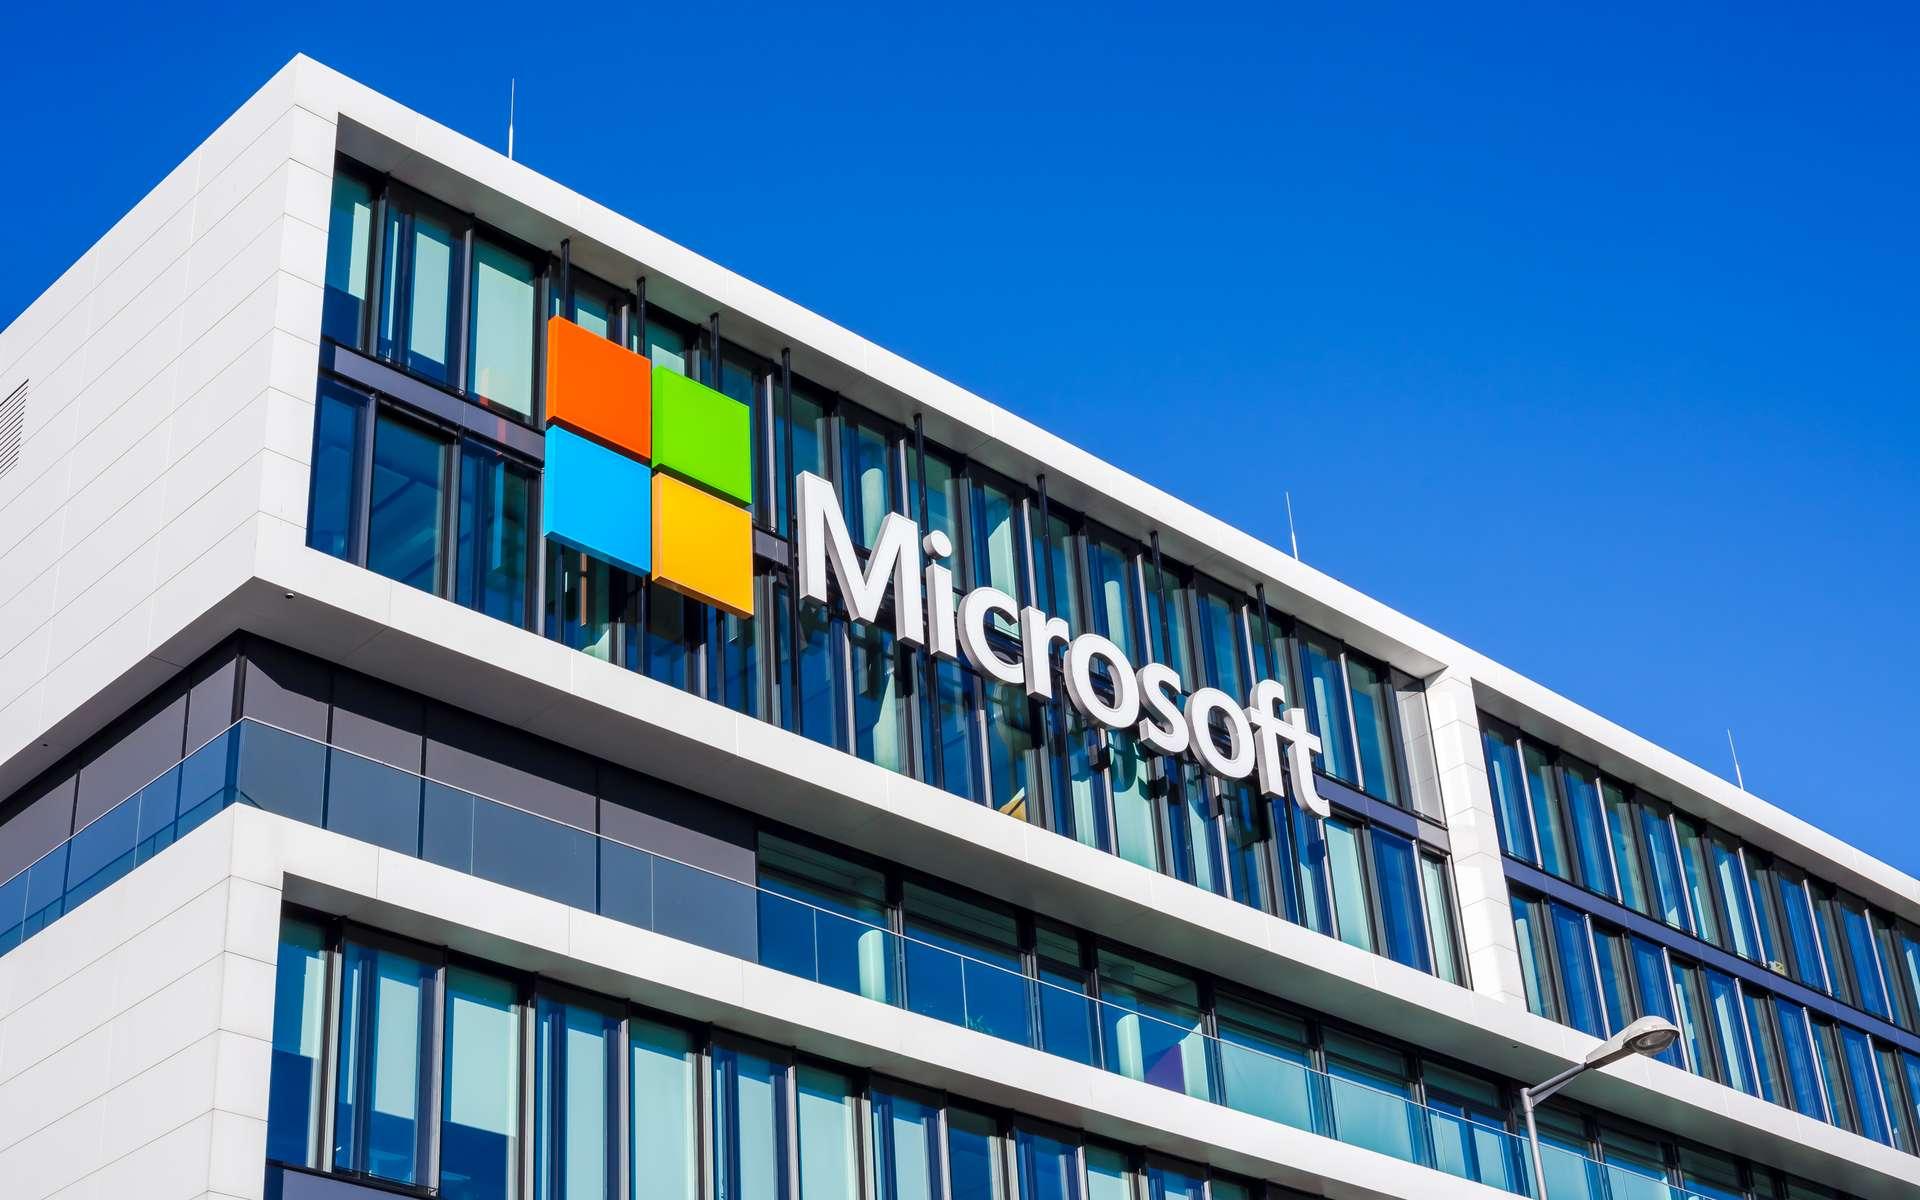 Le nouveau brevet de Microsoft porte sur la création d'une IA capable de se faire passer pour une personne spécifique. © dvoevnore, Adobe Stock